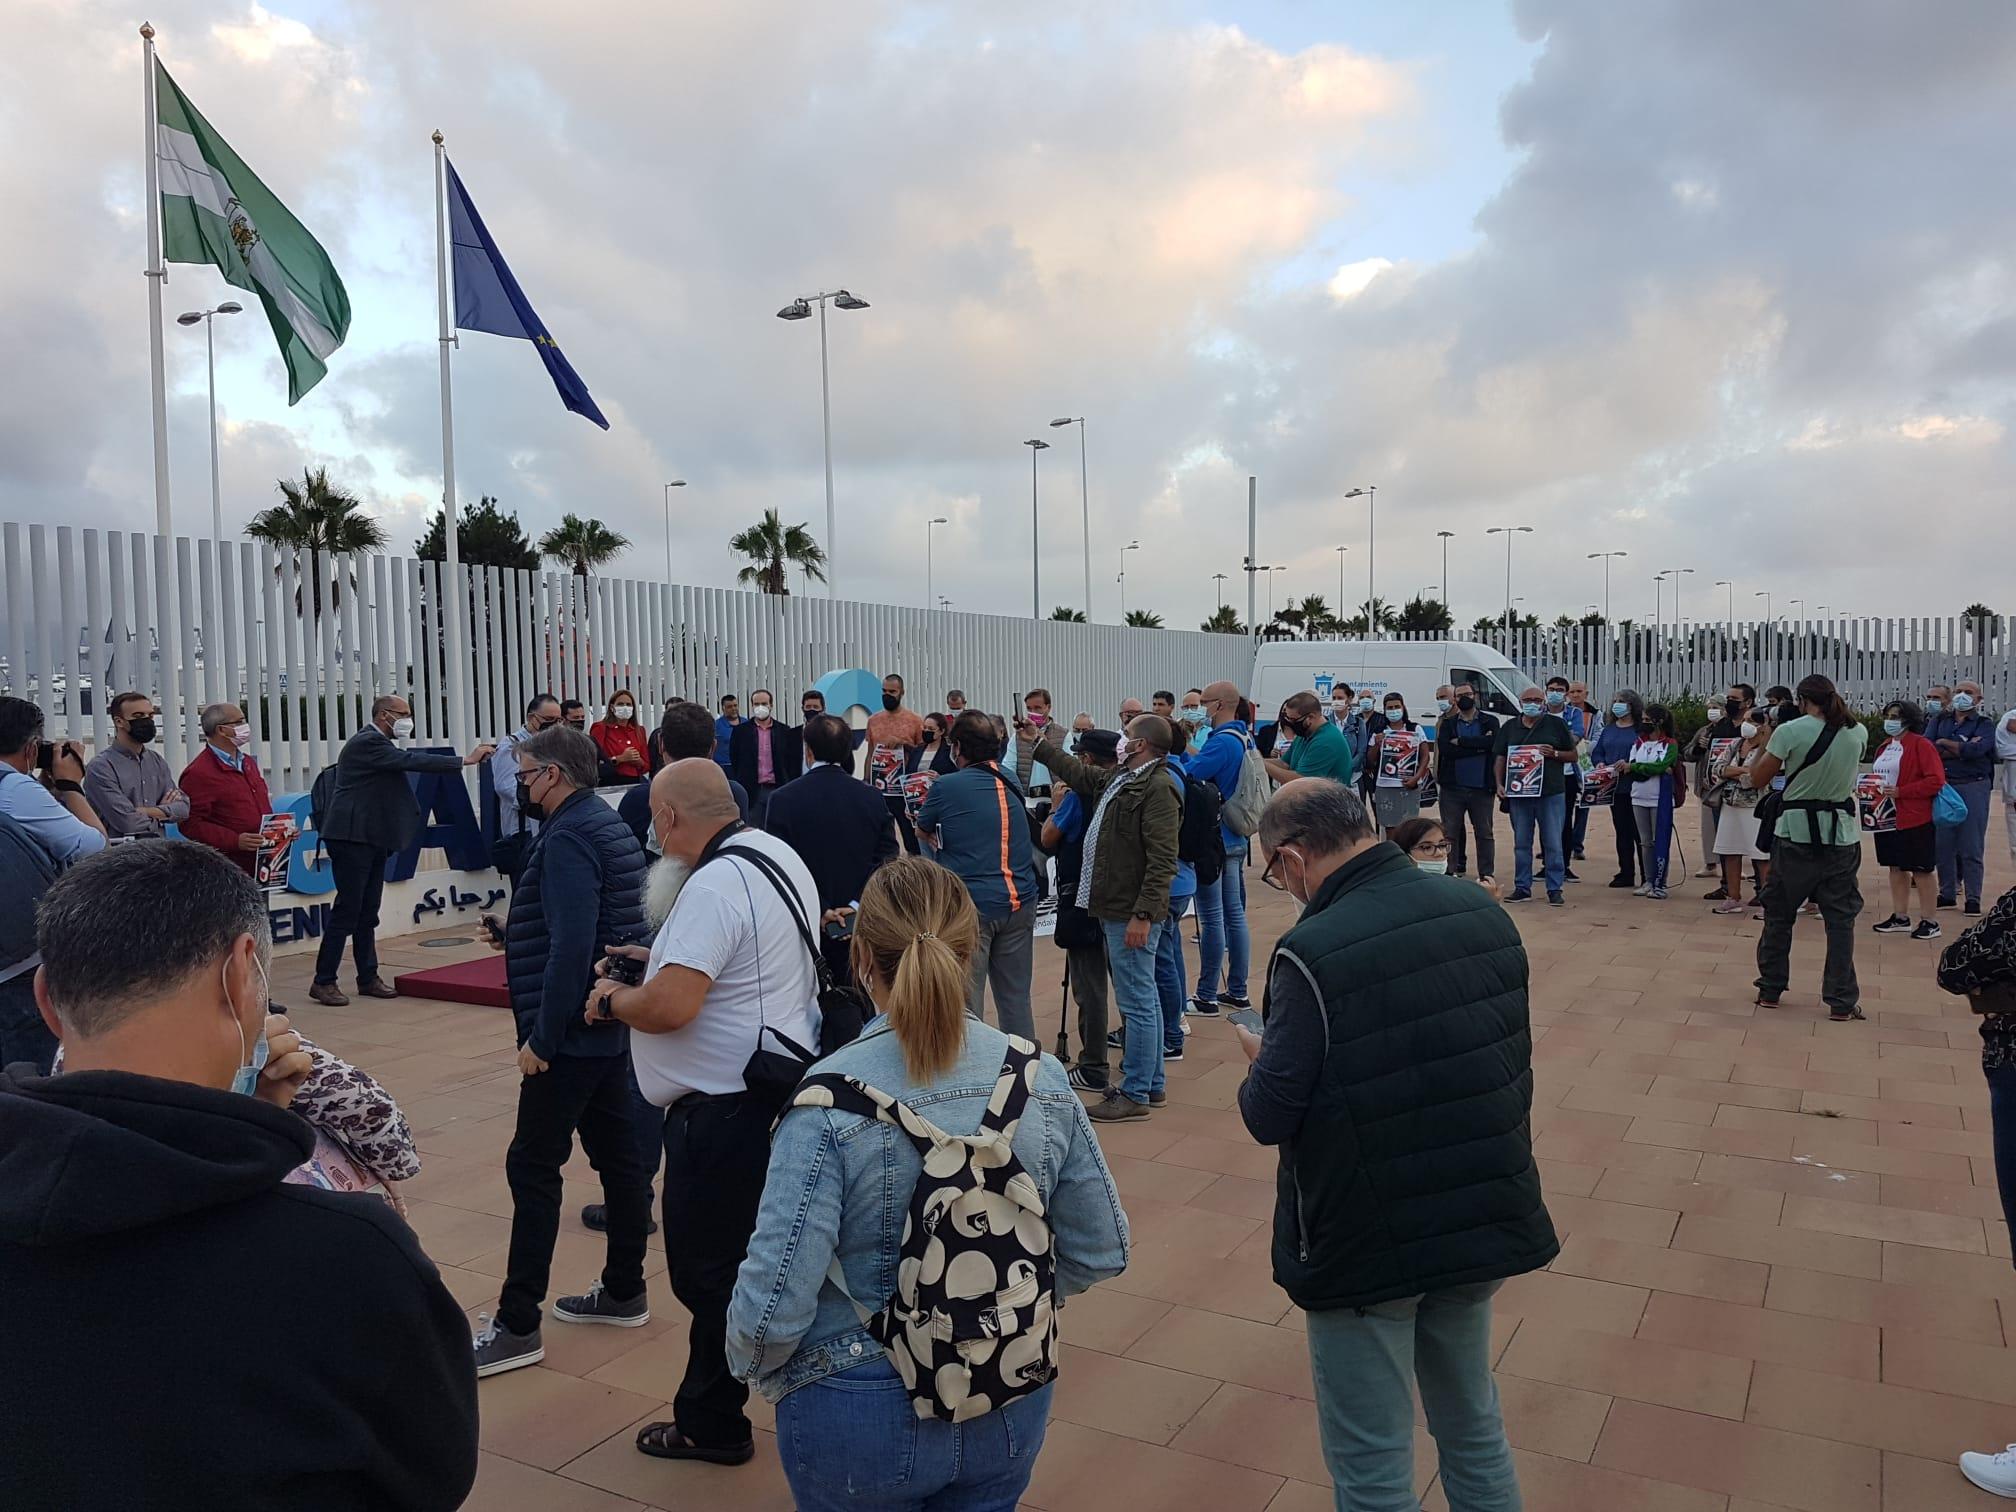 LA PLATAFORMA POR EL FERROCARRIL SE CONCENTRA EN DEFENSA DE LA ALGECIRAS-BOBADILLA-MADRID